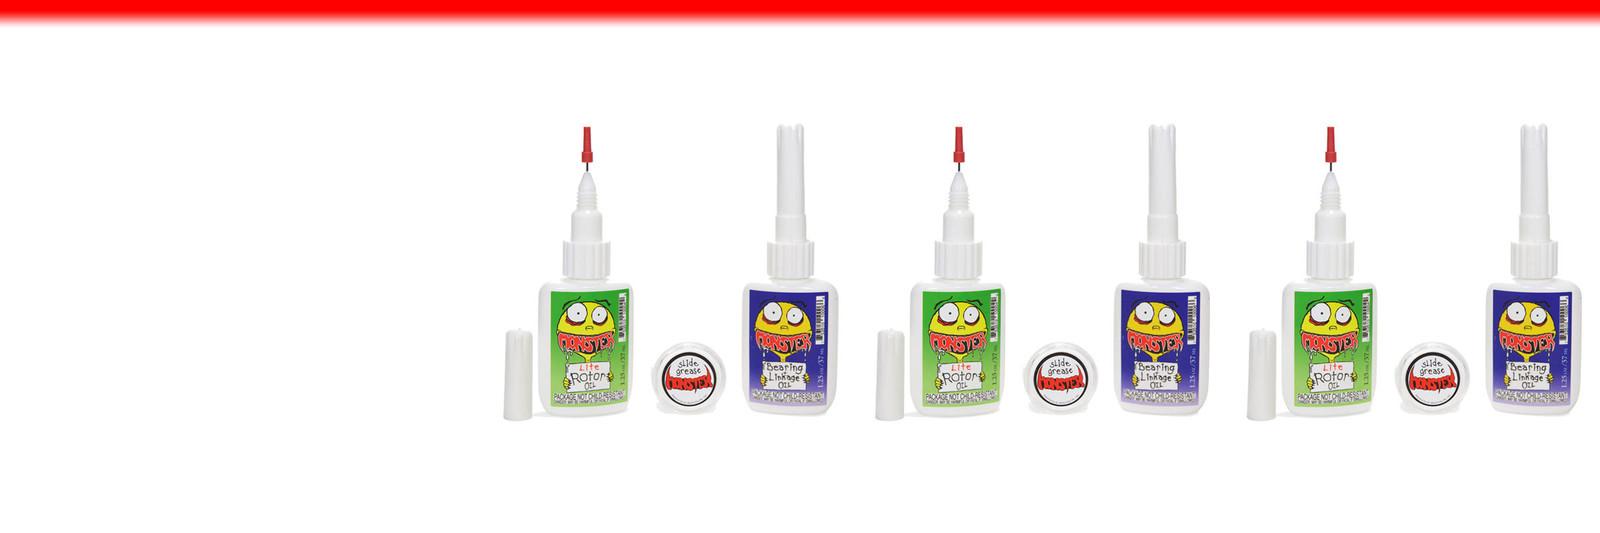 Rotor Oils